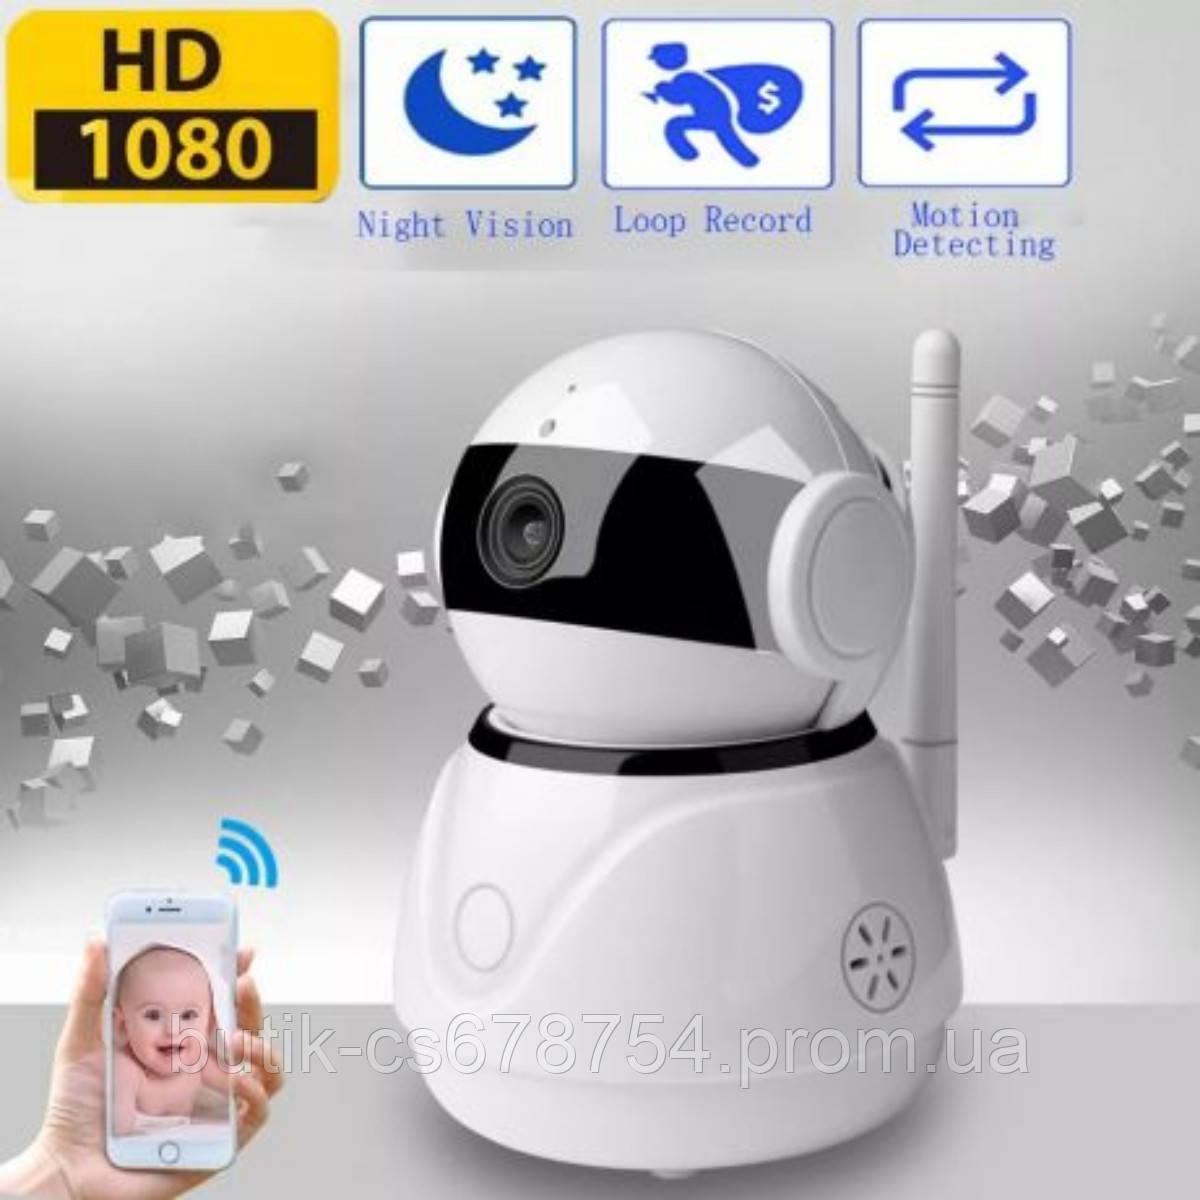 Wi-Fi IP camera Sannce 1080.поворотная,ночная съемка.